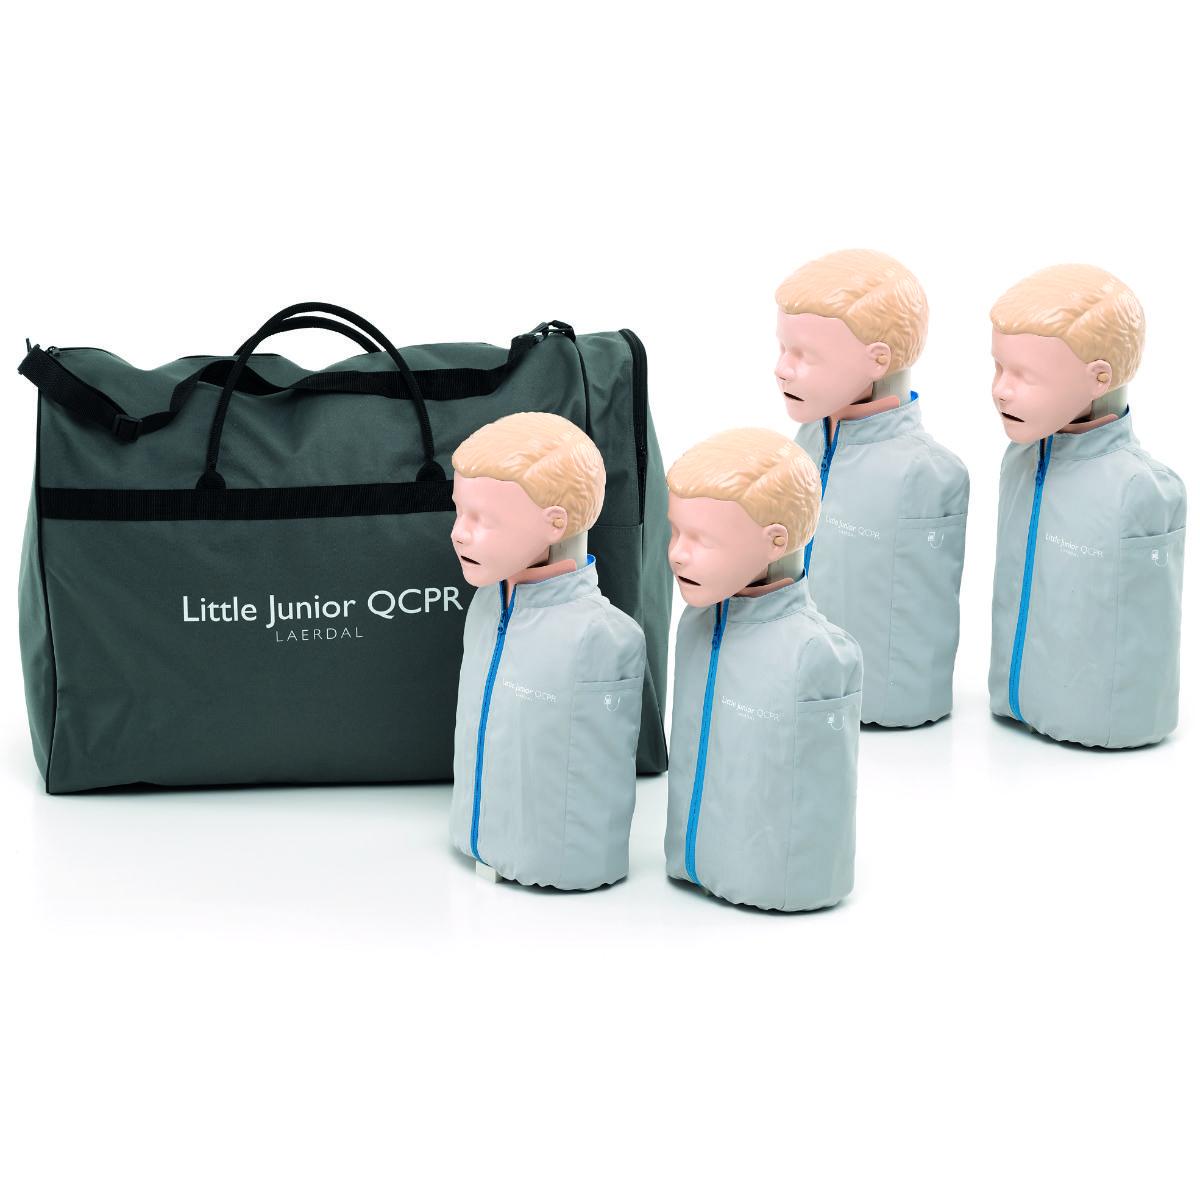 Little Junior QCPR, ljus hud 4-pack